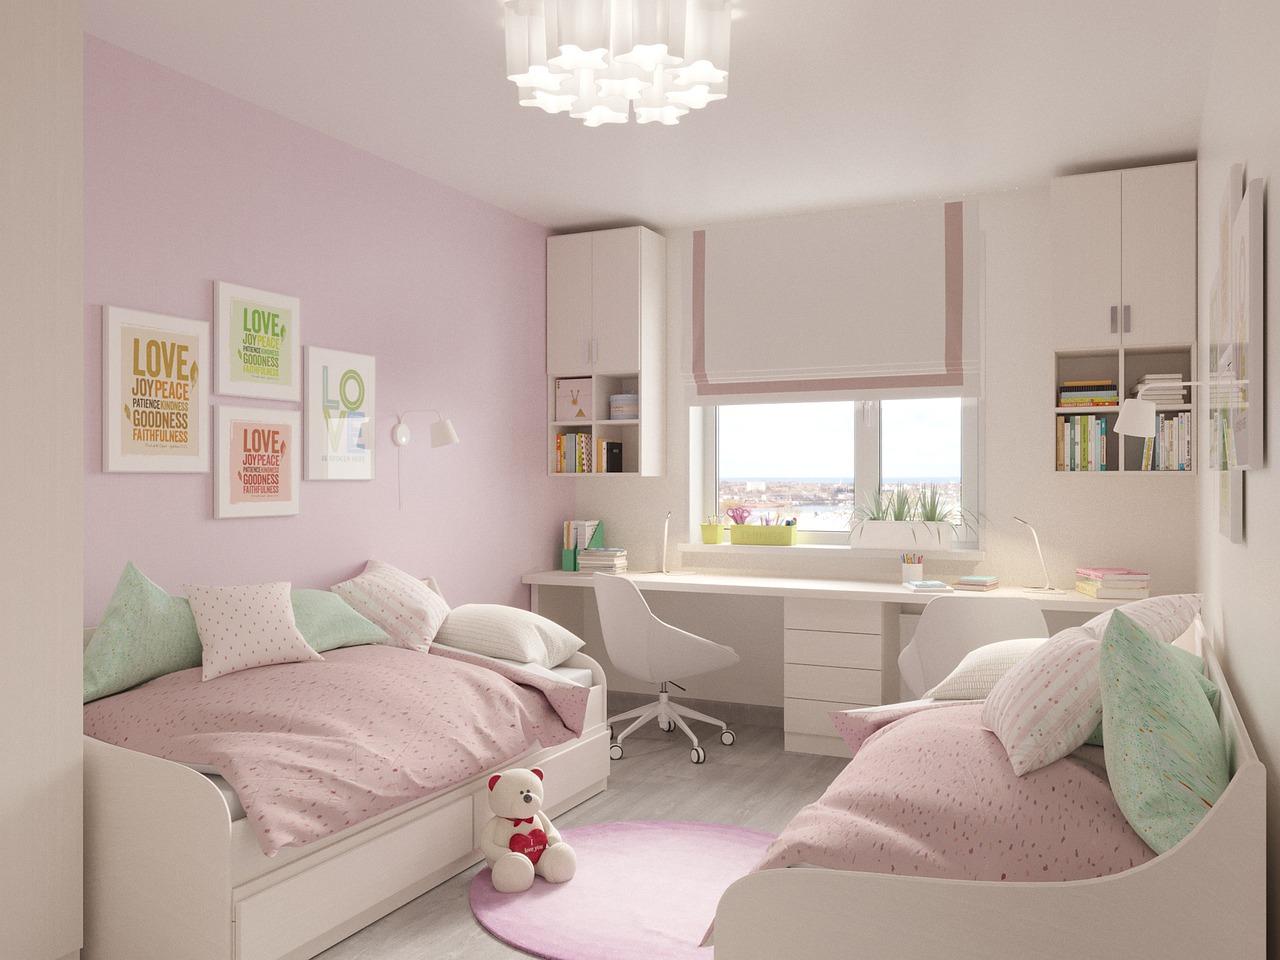 Partage Chambre Fille Garcon comment décorer une chambre d'enfant partagée